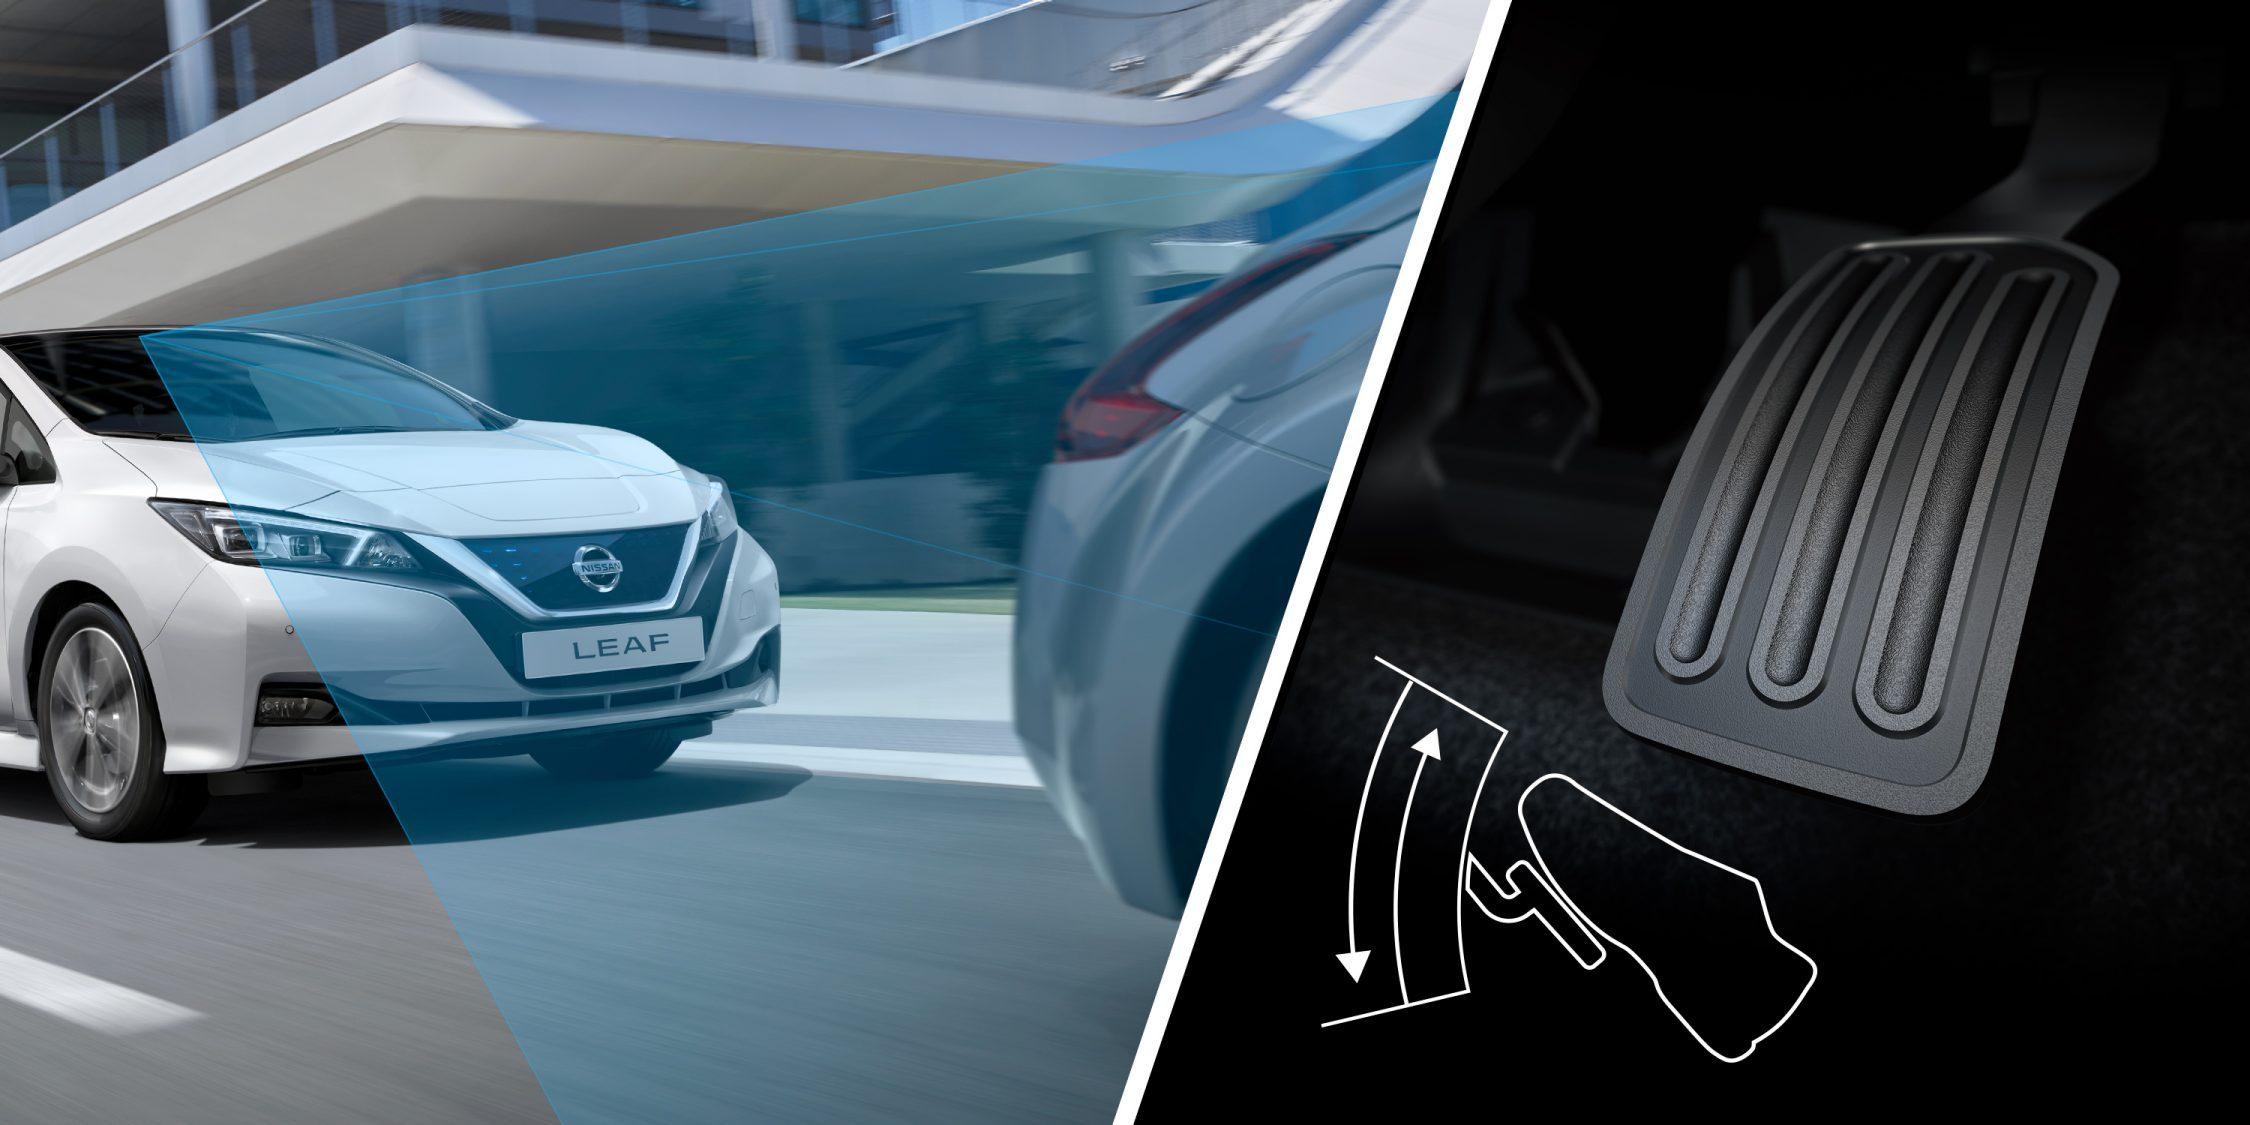 Nieuwe Nissan LEAF rijdend achter een auto en een close-up van het e-Pedal